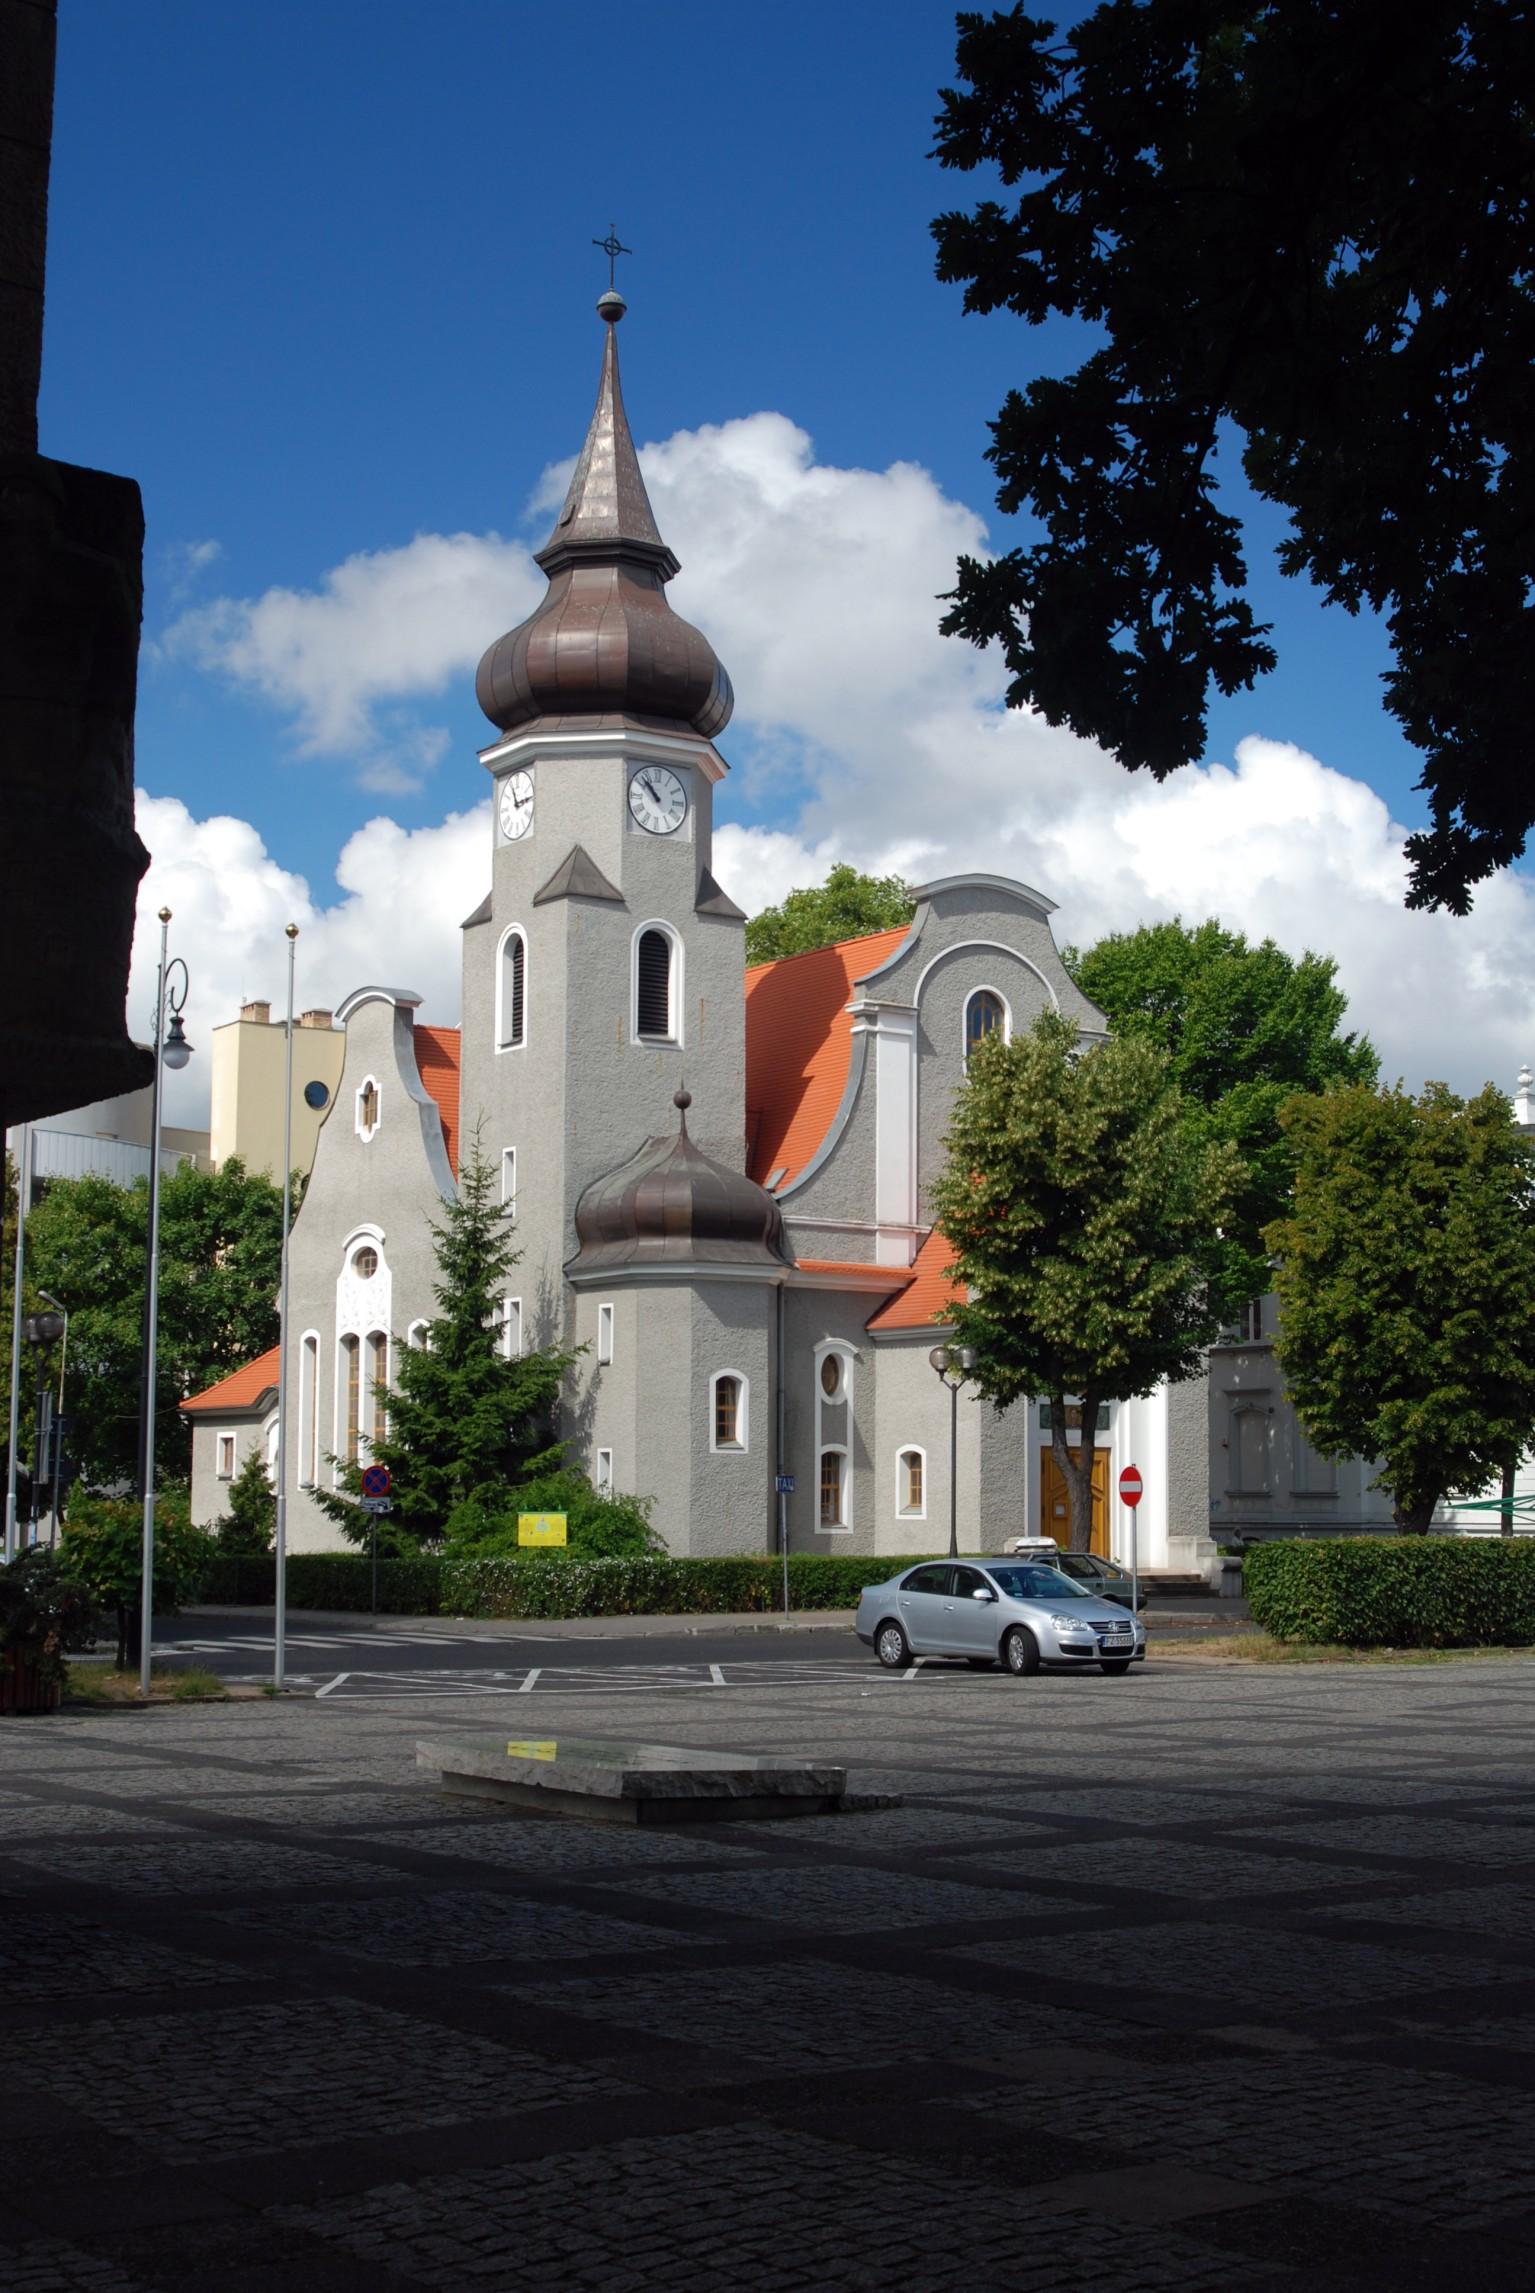 Evangelisch-Augsburgische-Kirche